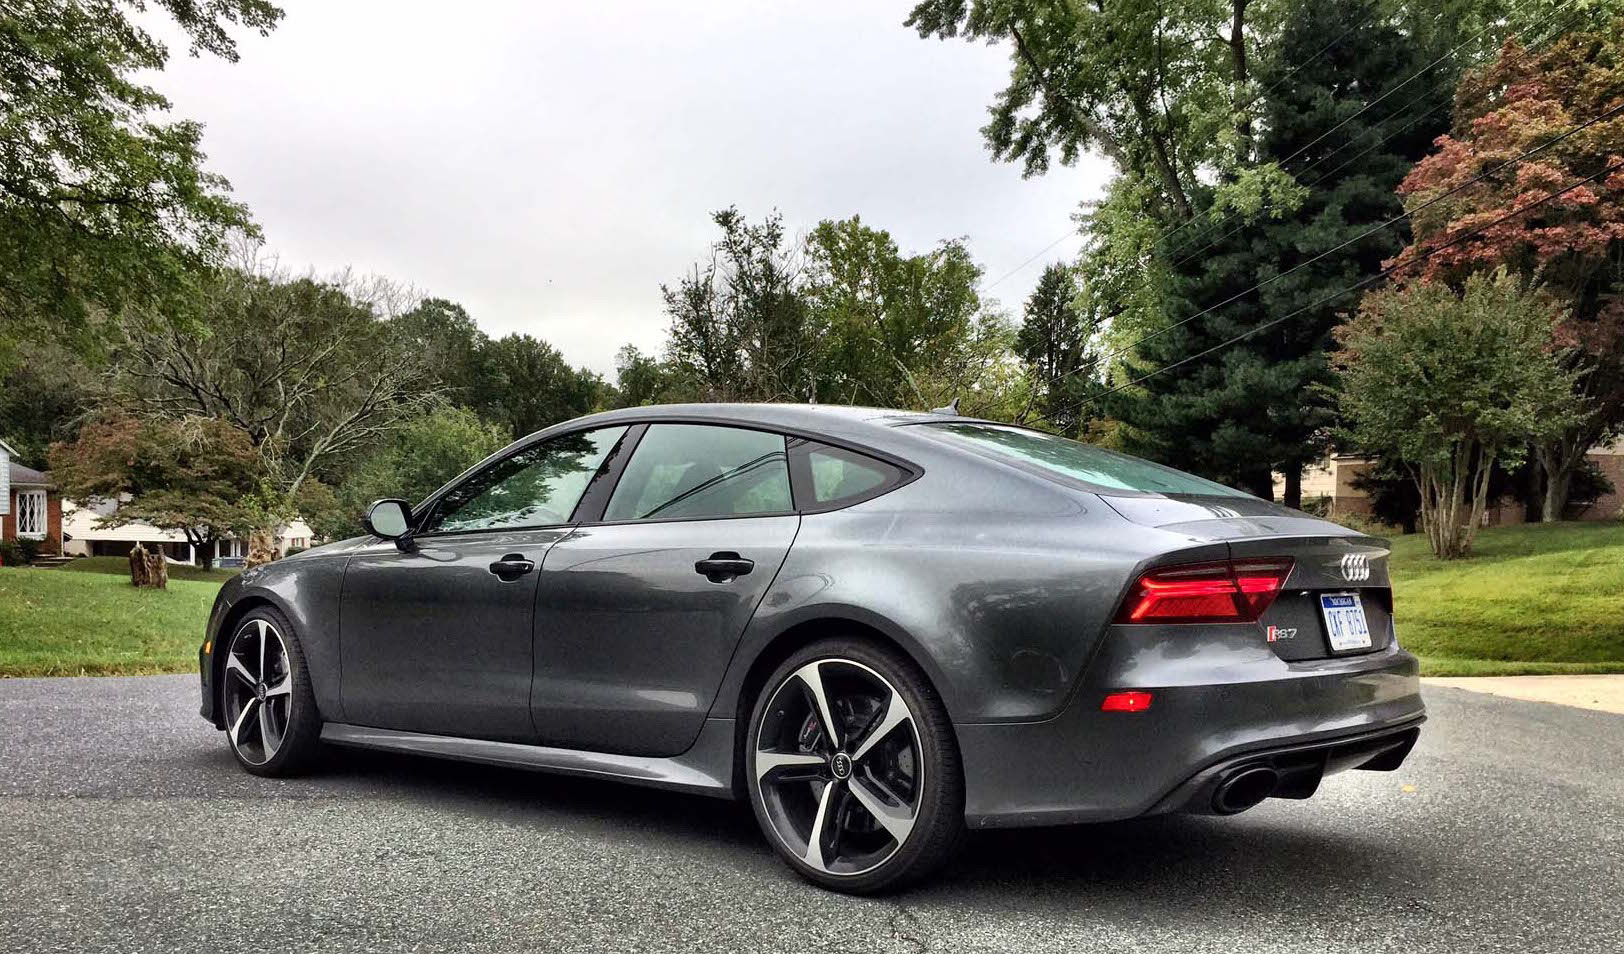 2016 Audi RS 7 Performance 4.0T quattro Tiptronic